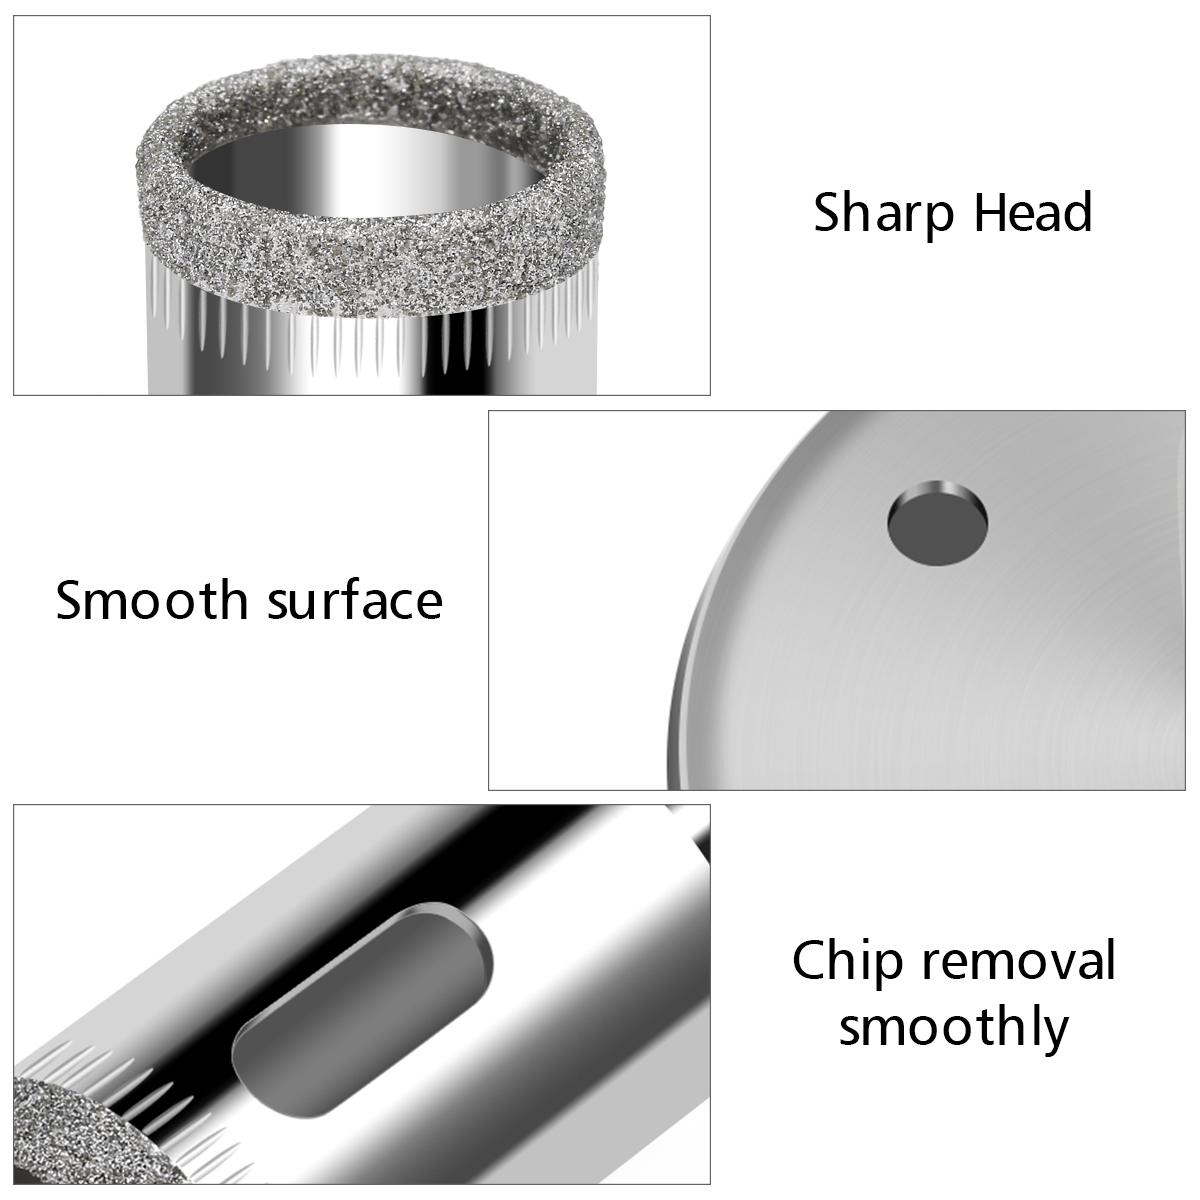 15 шт 6-50мм алмазные кольцевые сверла набор сверл для стеклокерамики фарфора мрамора - фото 18